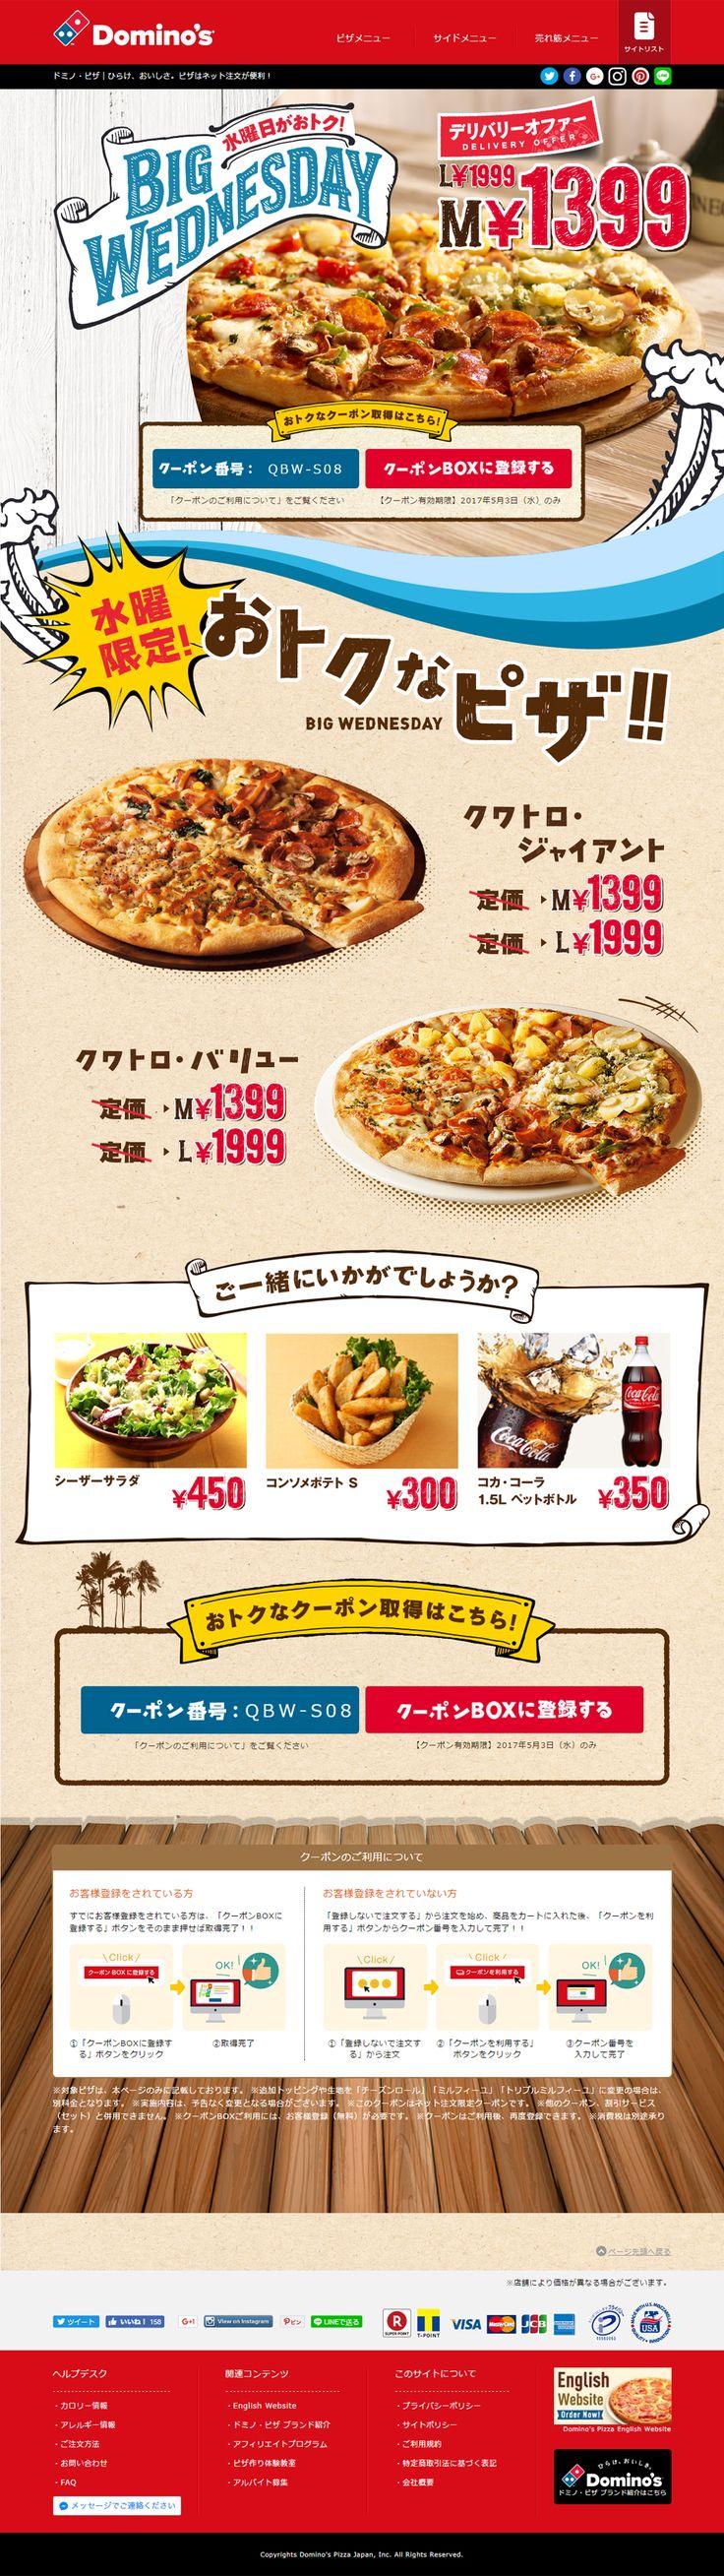 水曜だけおトクになるピザが登場!|WEBデザイナーさん必見!ランディングページのデザイン参考に(にぎやか系)